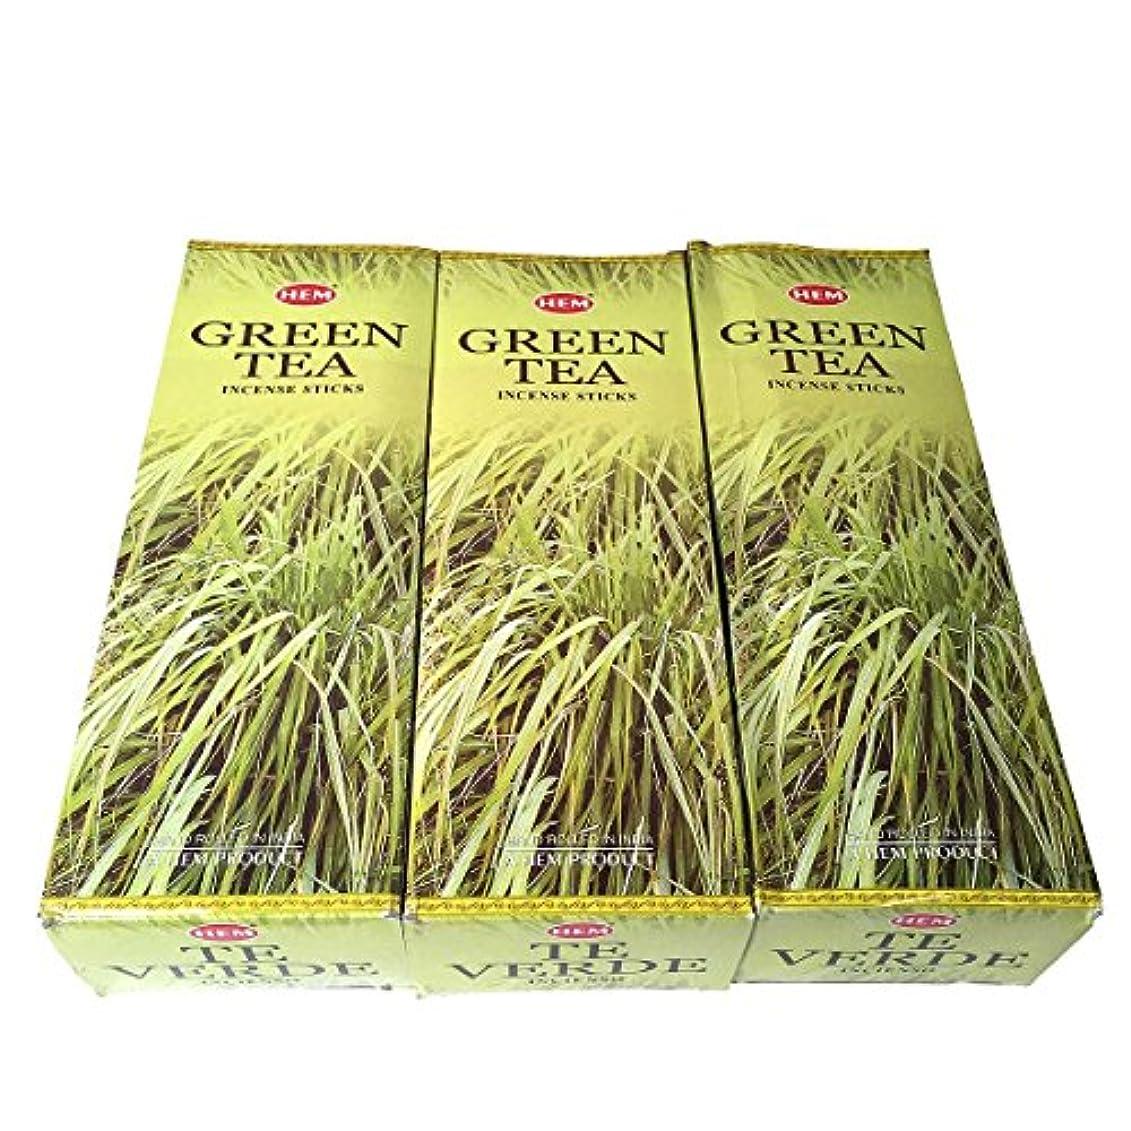 シロナガスクジラ発明角度グリーンティー香スティック 3BOX(18箱) /HEM Green Tea/インセンス/インド香 お香 [並行輸入品]